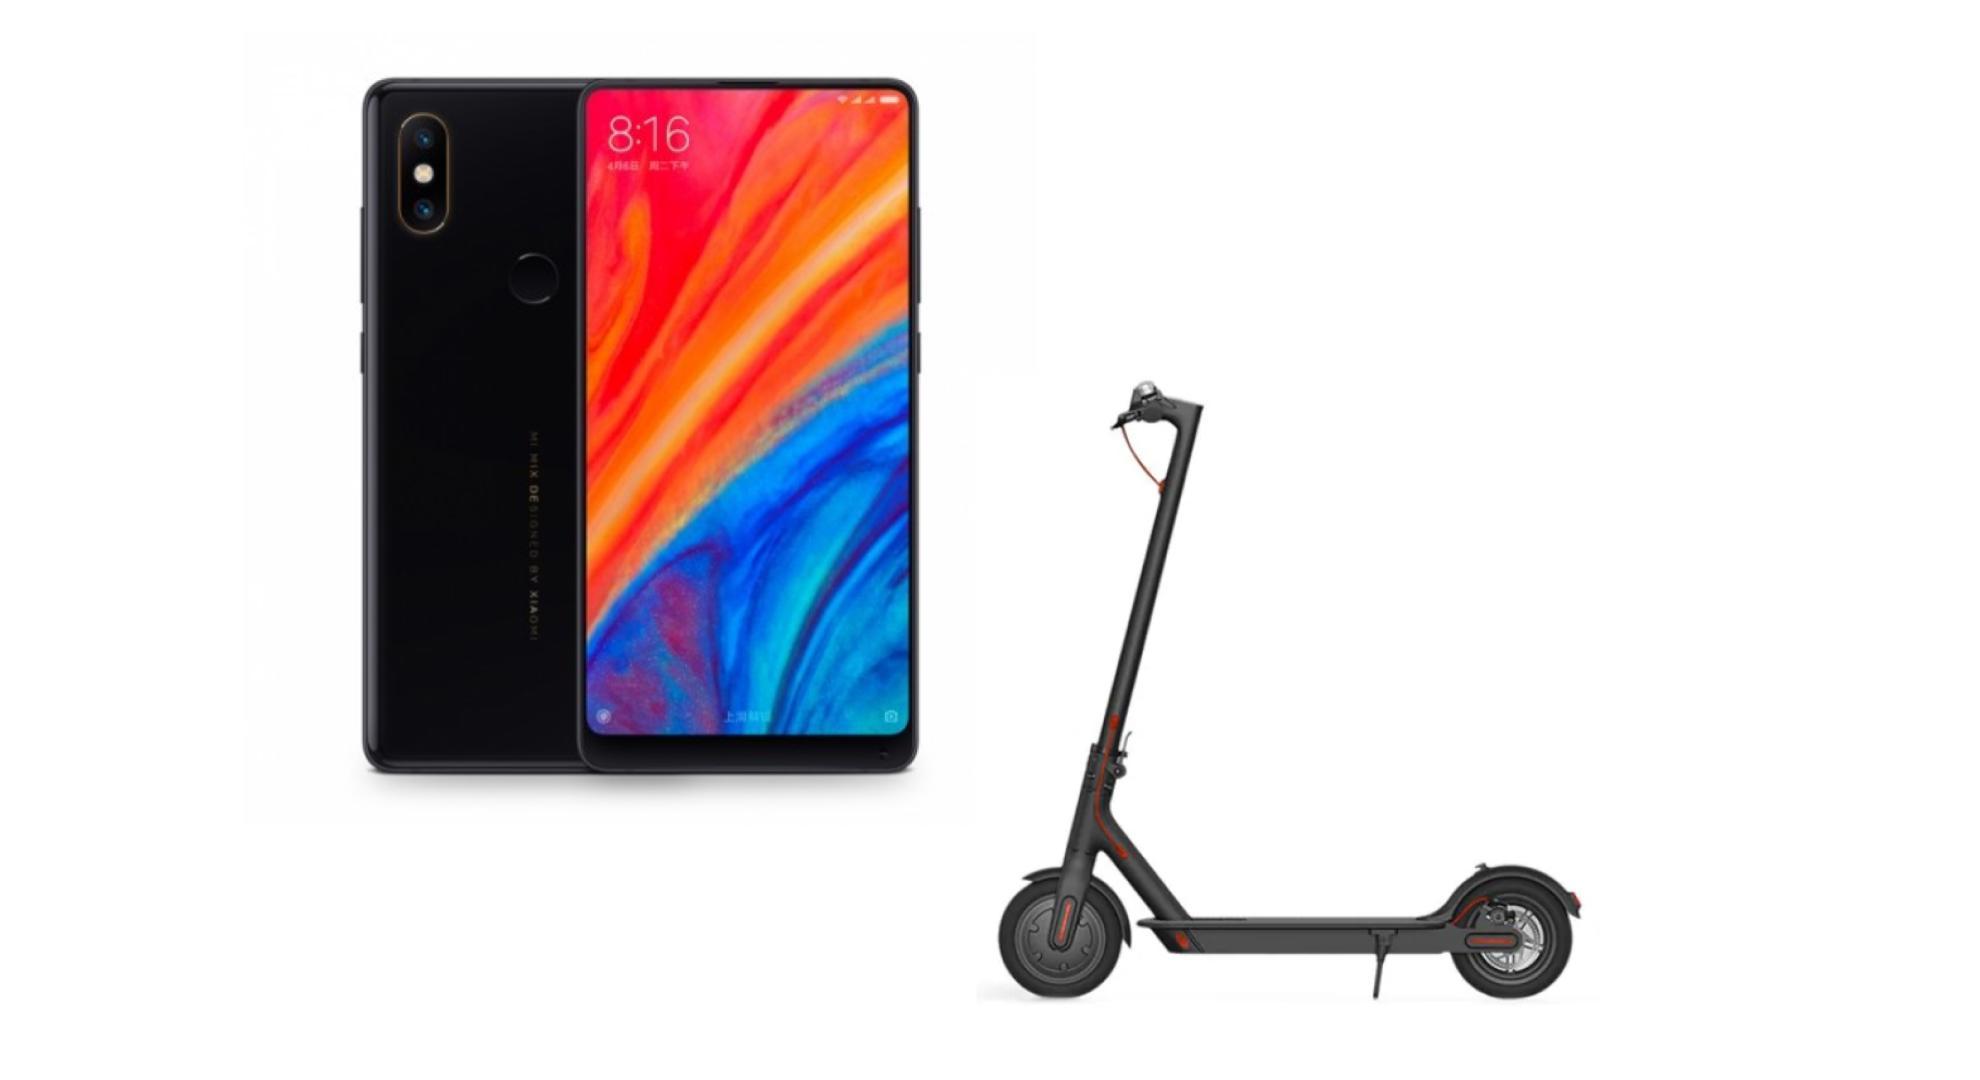 🔥 Le bon plan que l'on conseille : le Xiaomi Mi Mix 2S et la trottinette électrique M365 pour 599 euros